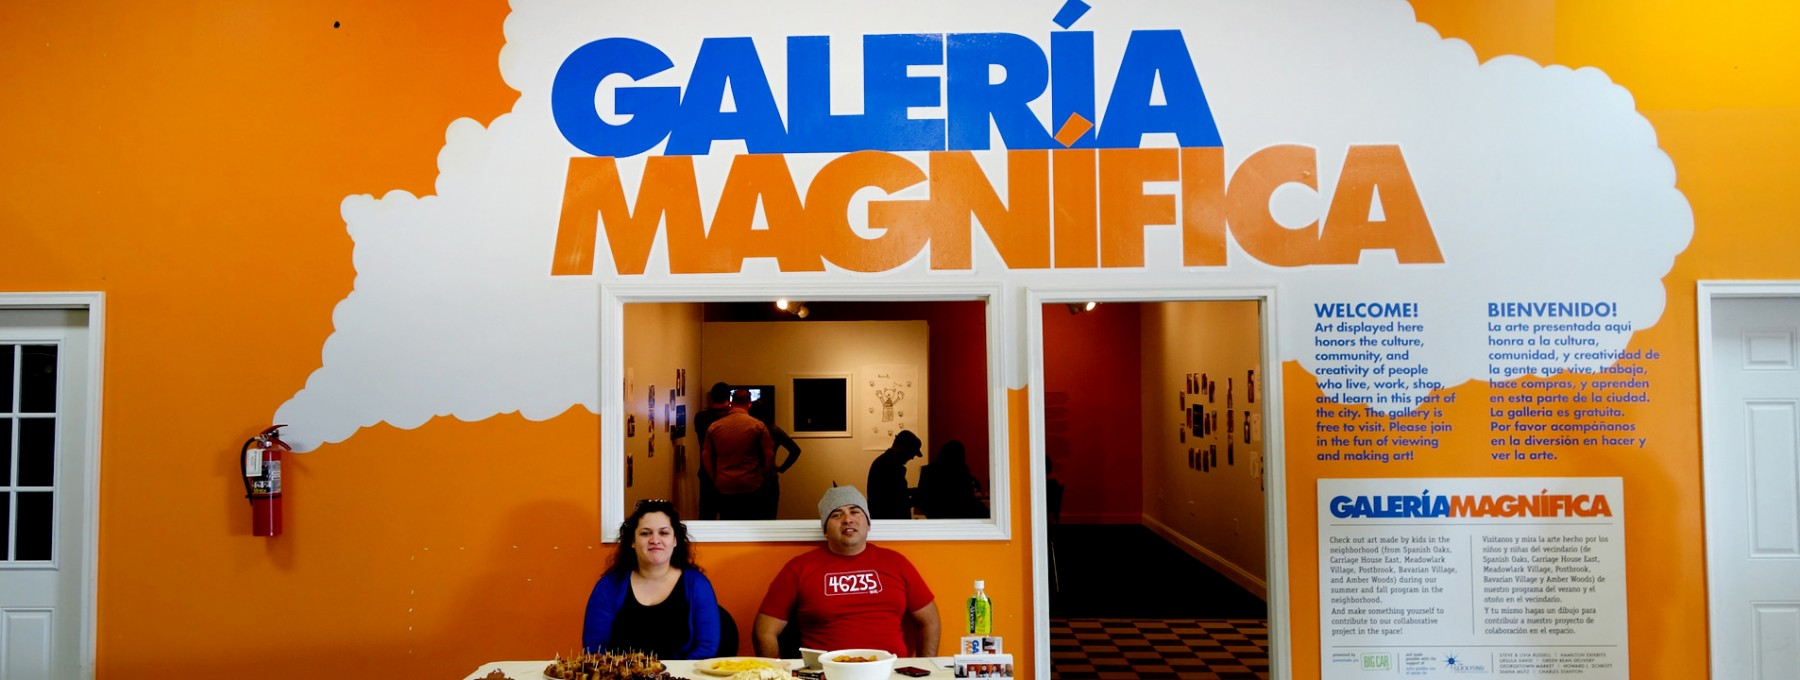 Galeria Magnifica